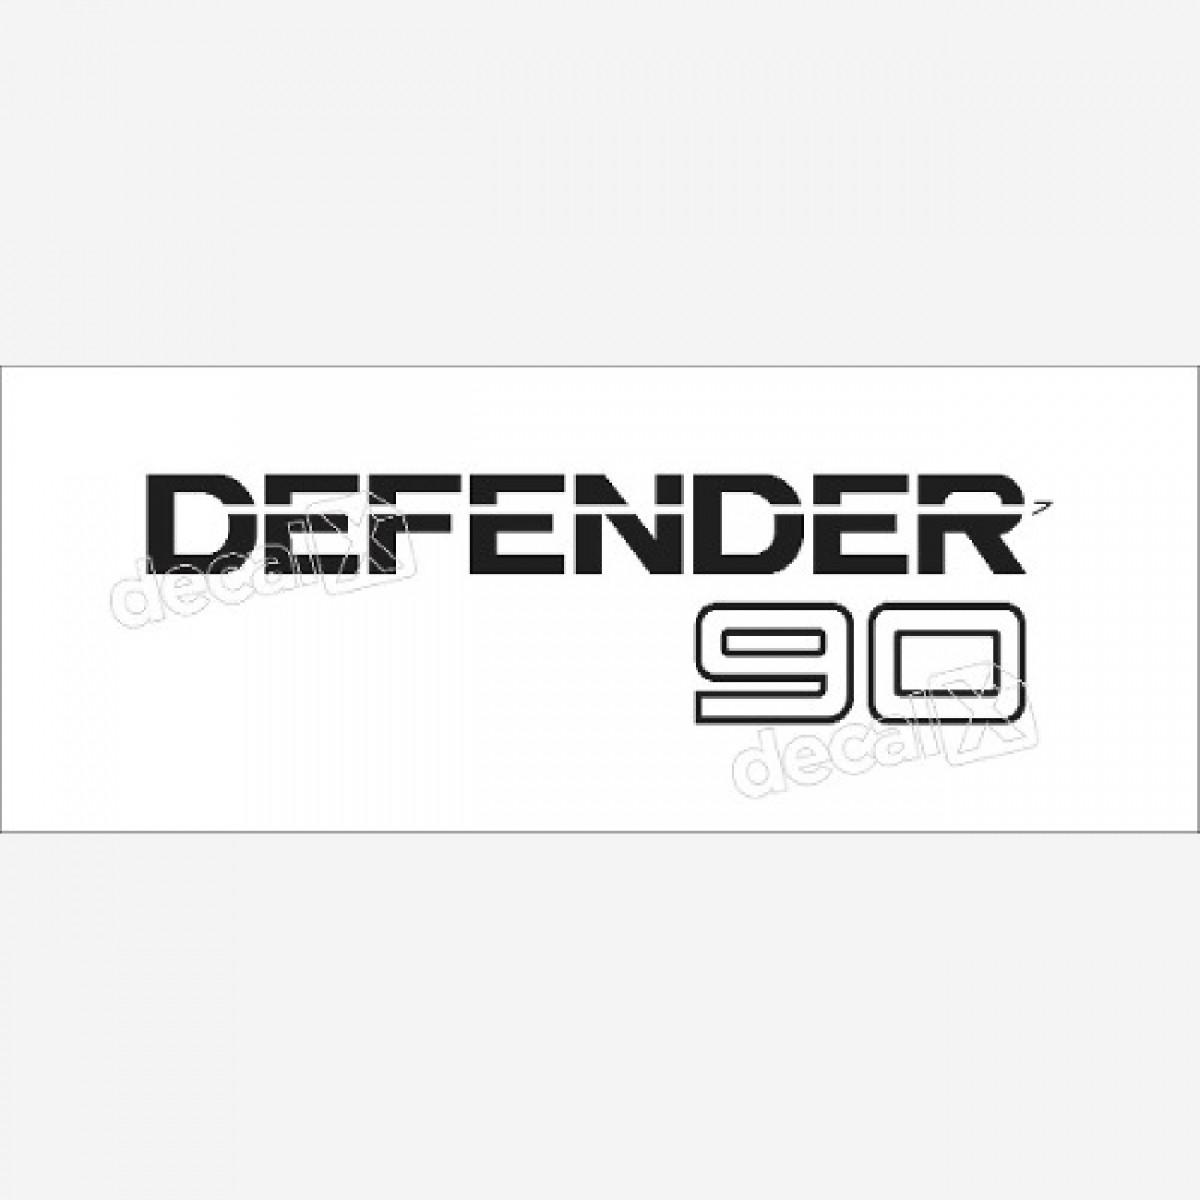 Emblema Adesivo Land Rover Defender 90 Decalx